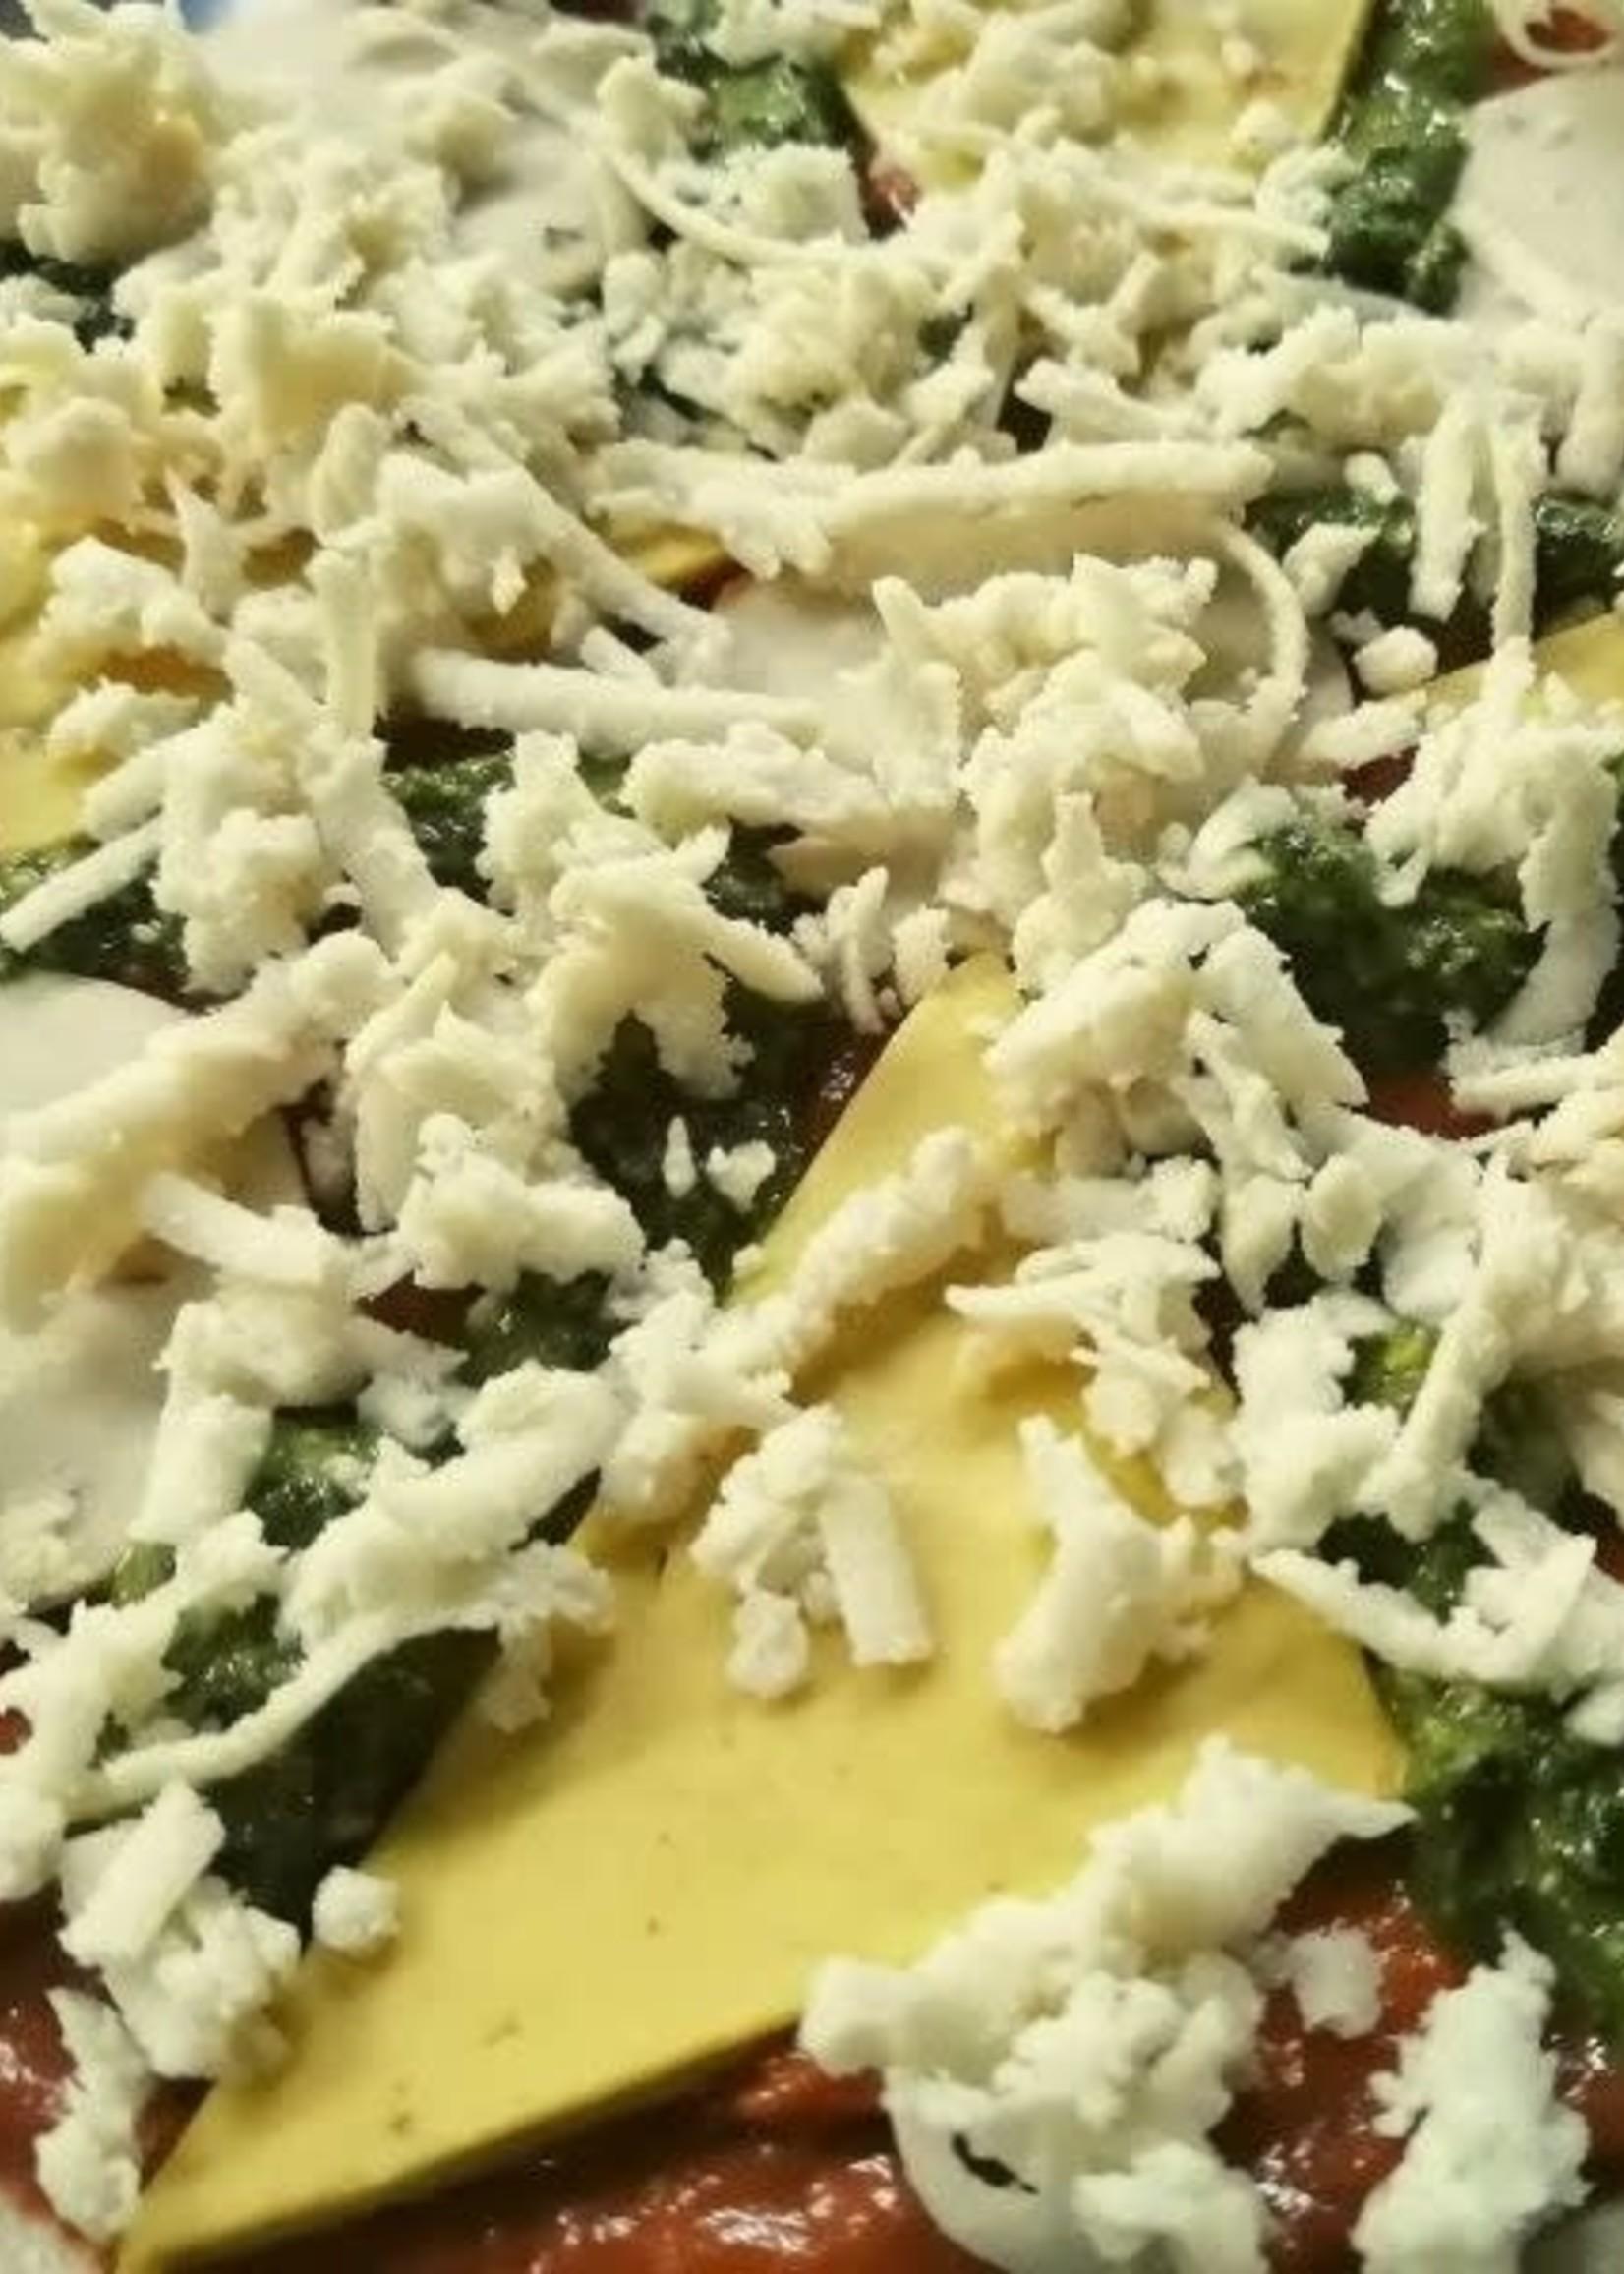 Irene's Irene's - 3 cheese & pesto pizza